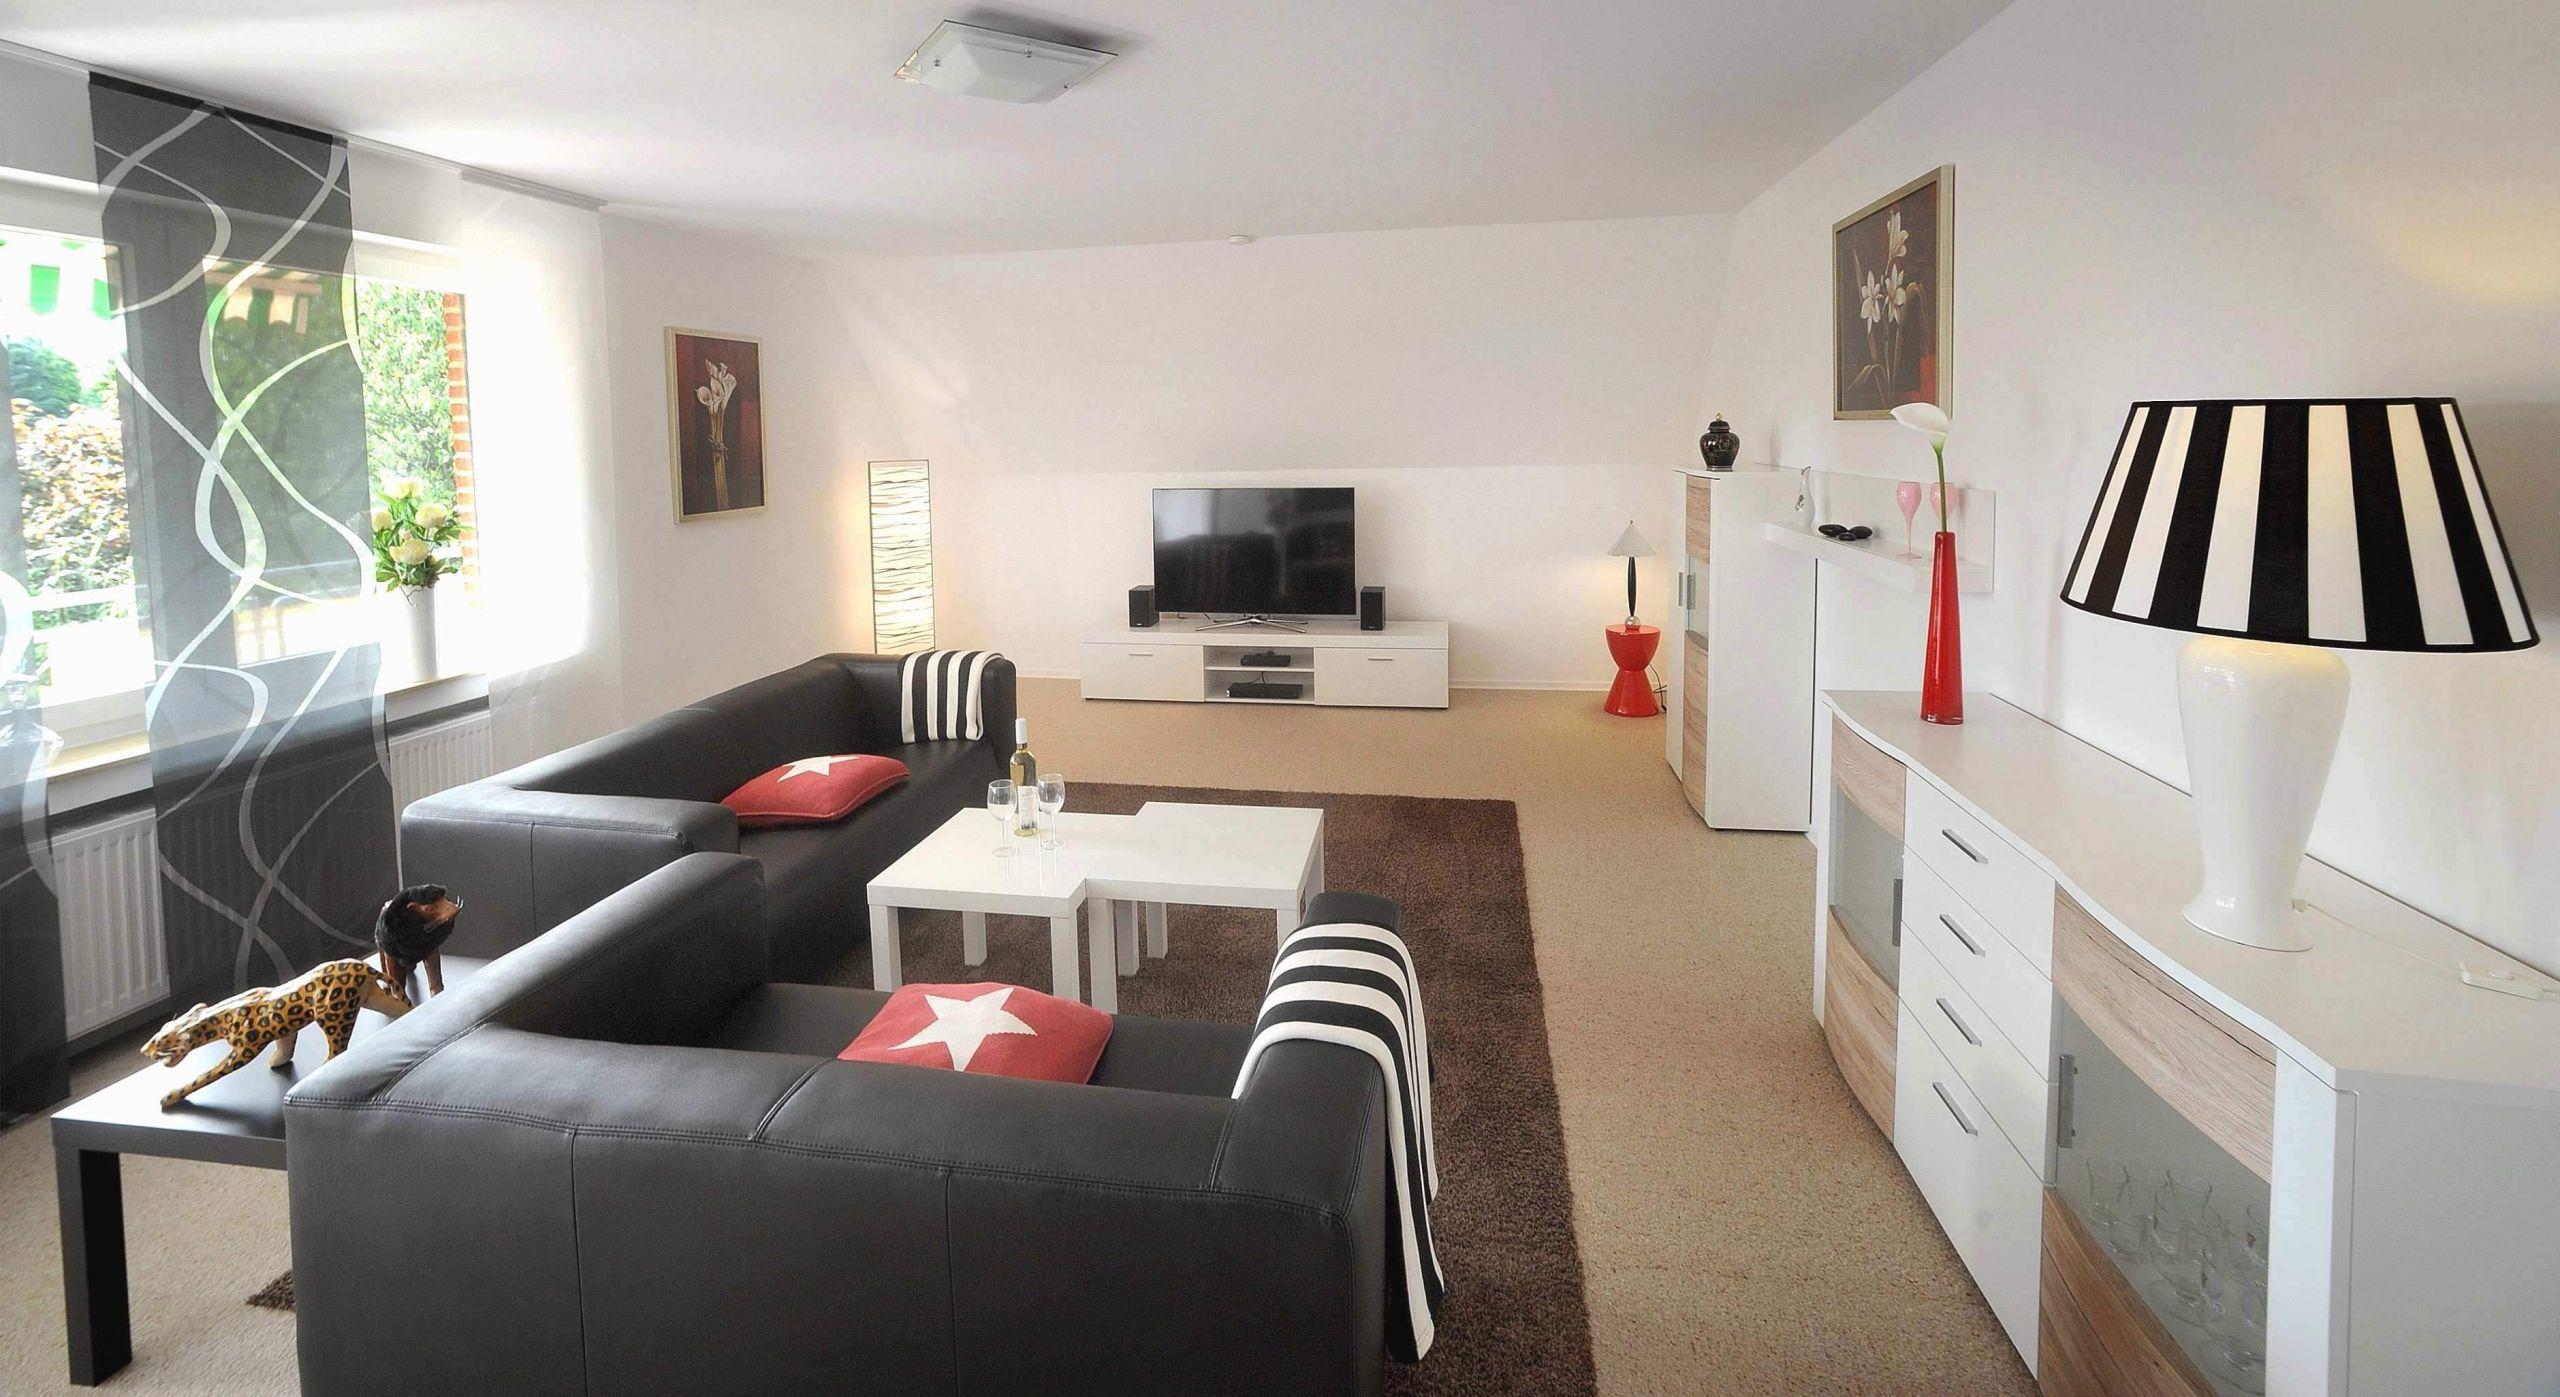 leinwand fur wohnzimmer reizend 50 luxus von moderne bilder fur wohnzimmer planen of leinwand fur wohnzimmer